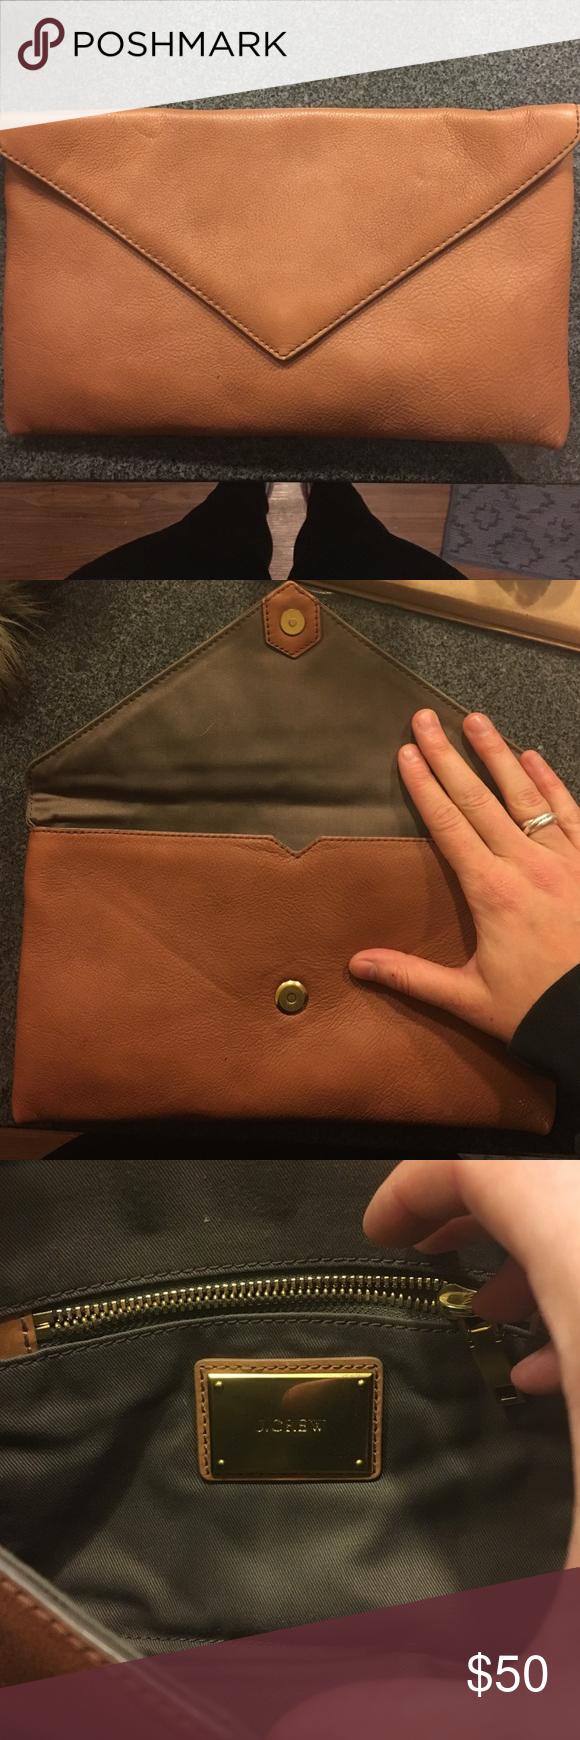 Bags-envelopes: flew together